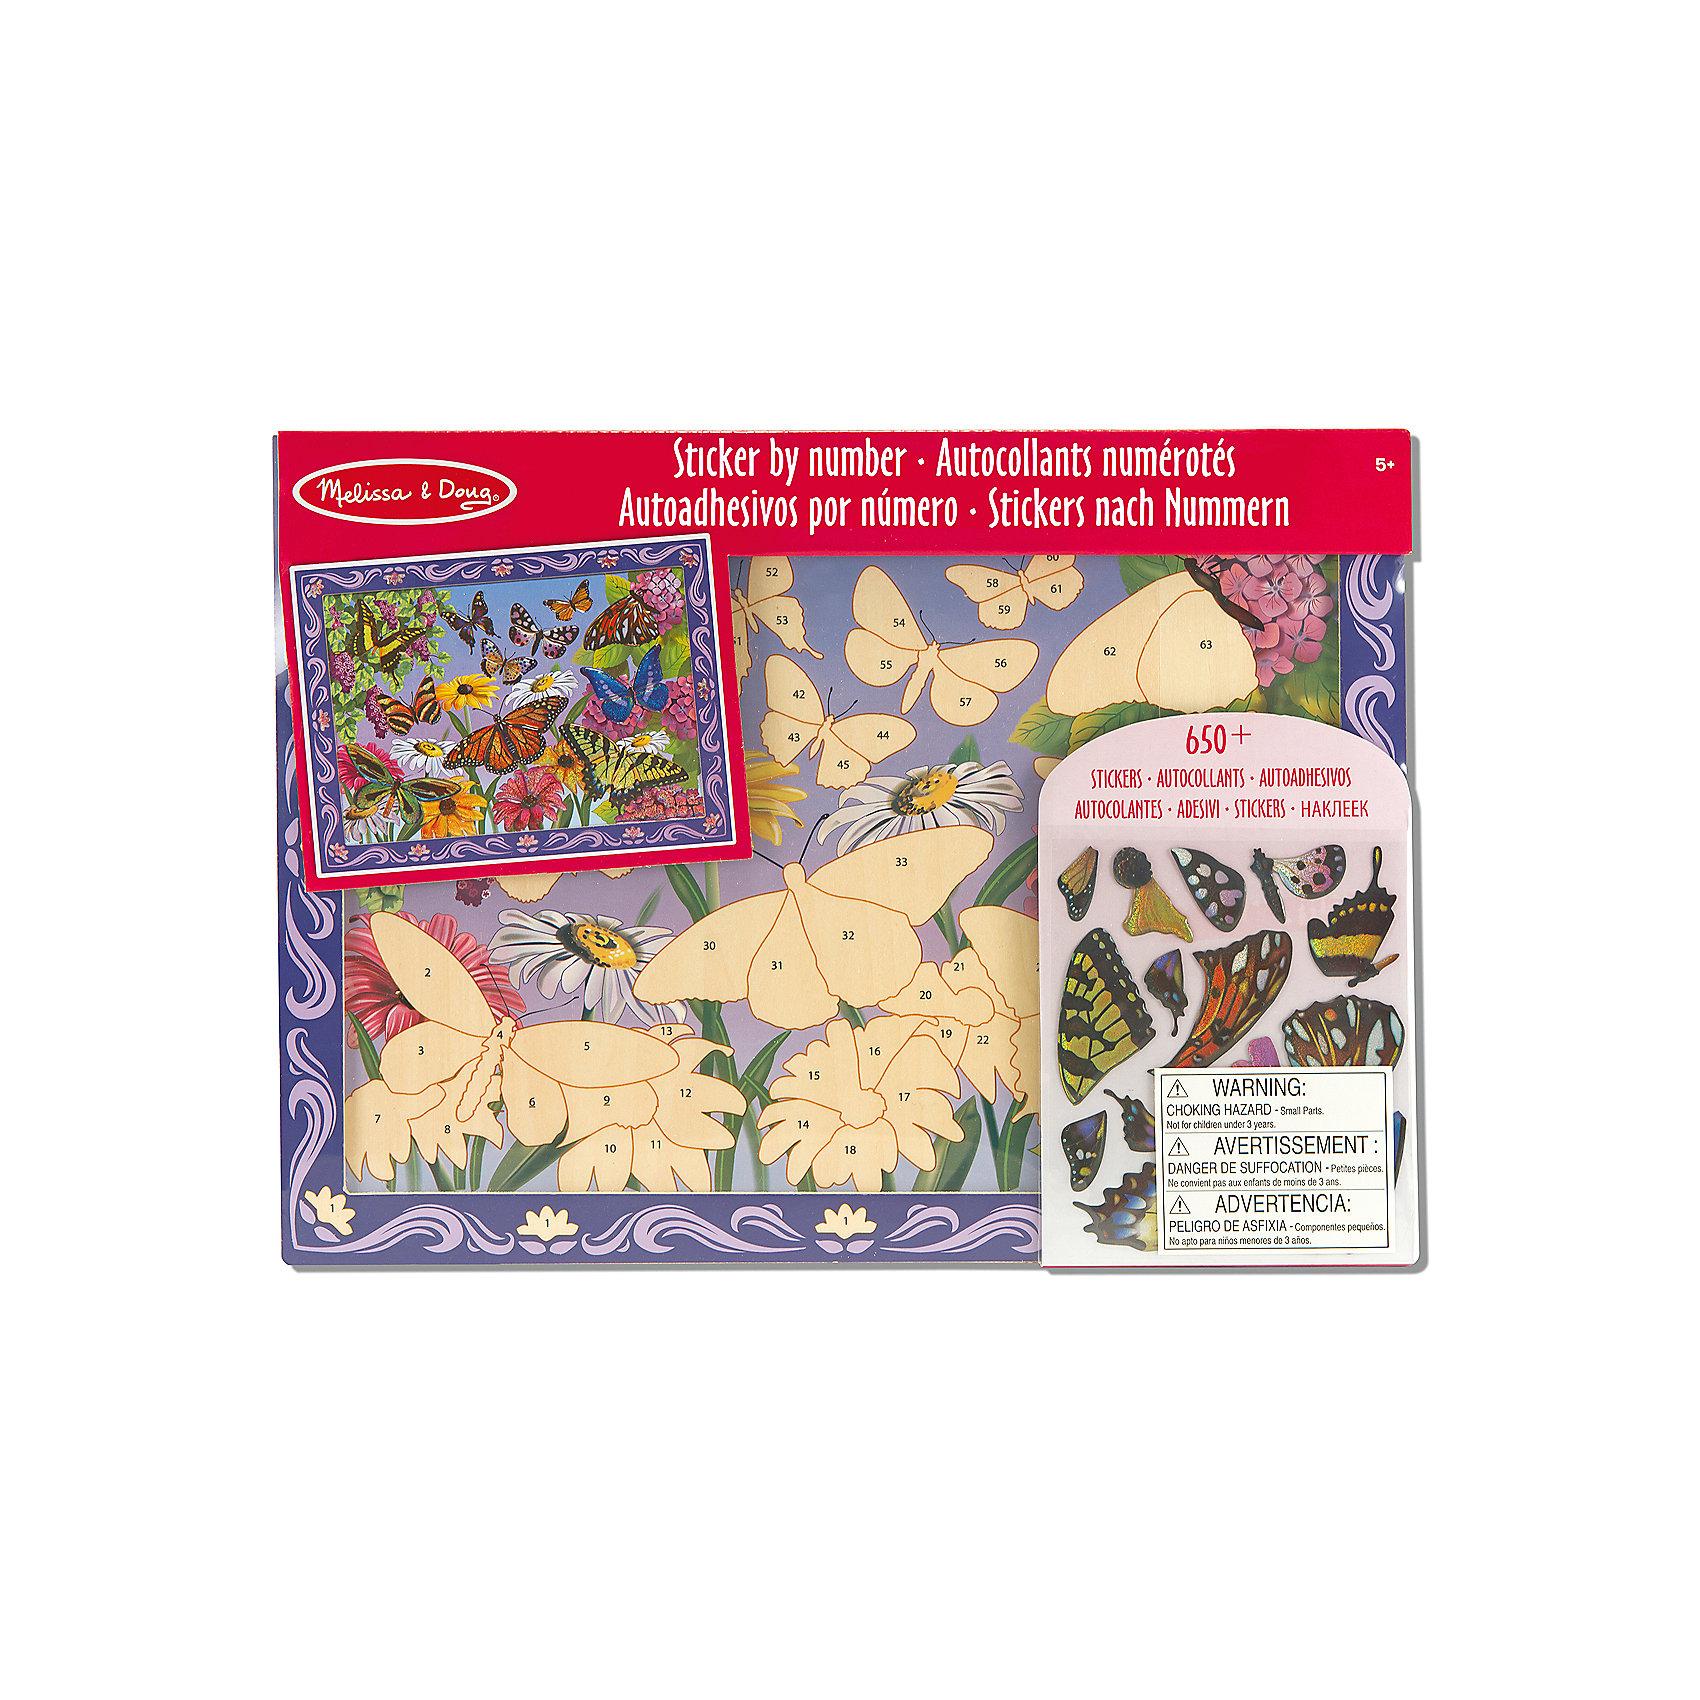 Мозаика Цветочная Поляна, Melissa &amp; DougМозаика<br>С помощью набора Мозаика Цветочная Поляна, Melissa &amp; Doug (Мелисса и Даг) можно создать волшебную картину, на которой изображен сад со сказочными бабочками. Собрать мозаику очень легко даже ребенку: просто наклейте каждый пронумерованный элемент на деревянный фон согласно указанным цифрам. В результате получится красивое панно, которым Ваш малыш будет гордиться! Этот набор для творчества способствует развитию логического и художественного мышления, мелкой моторики, усидчивости.<br><br>Комплектация: деревянная основа, более 60 стикеров<br><br>Дополнительная информация:<br>-Материал: дерево, пластик<br>-Размер упаковки: 40,6х30,4х1,9 см<br>-Вес: 0,6 кг<br><br>Мозаика «Цветочная поляна» – набор для творчества, который является превосходным подарком для детей, чтобы они могли проявить фантазию и творческий подход, создавая красивую мозаичную картину.<br><br>Мозаика Цветочная Поляна, Melissa &amp; Doug (Мелисса и Даг) можно купить в нашем магазине.<br><br>Ширина мм: 400<br>Глубина мм: 400<br>Высота мм: 300<br>Вес г: 620<br>Возраст от месяцев: 60<br>Возраст до месяцев: 180<br>Пол: Женский<br>Возраст: Детский<br>SKU: 4008281